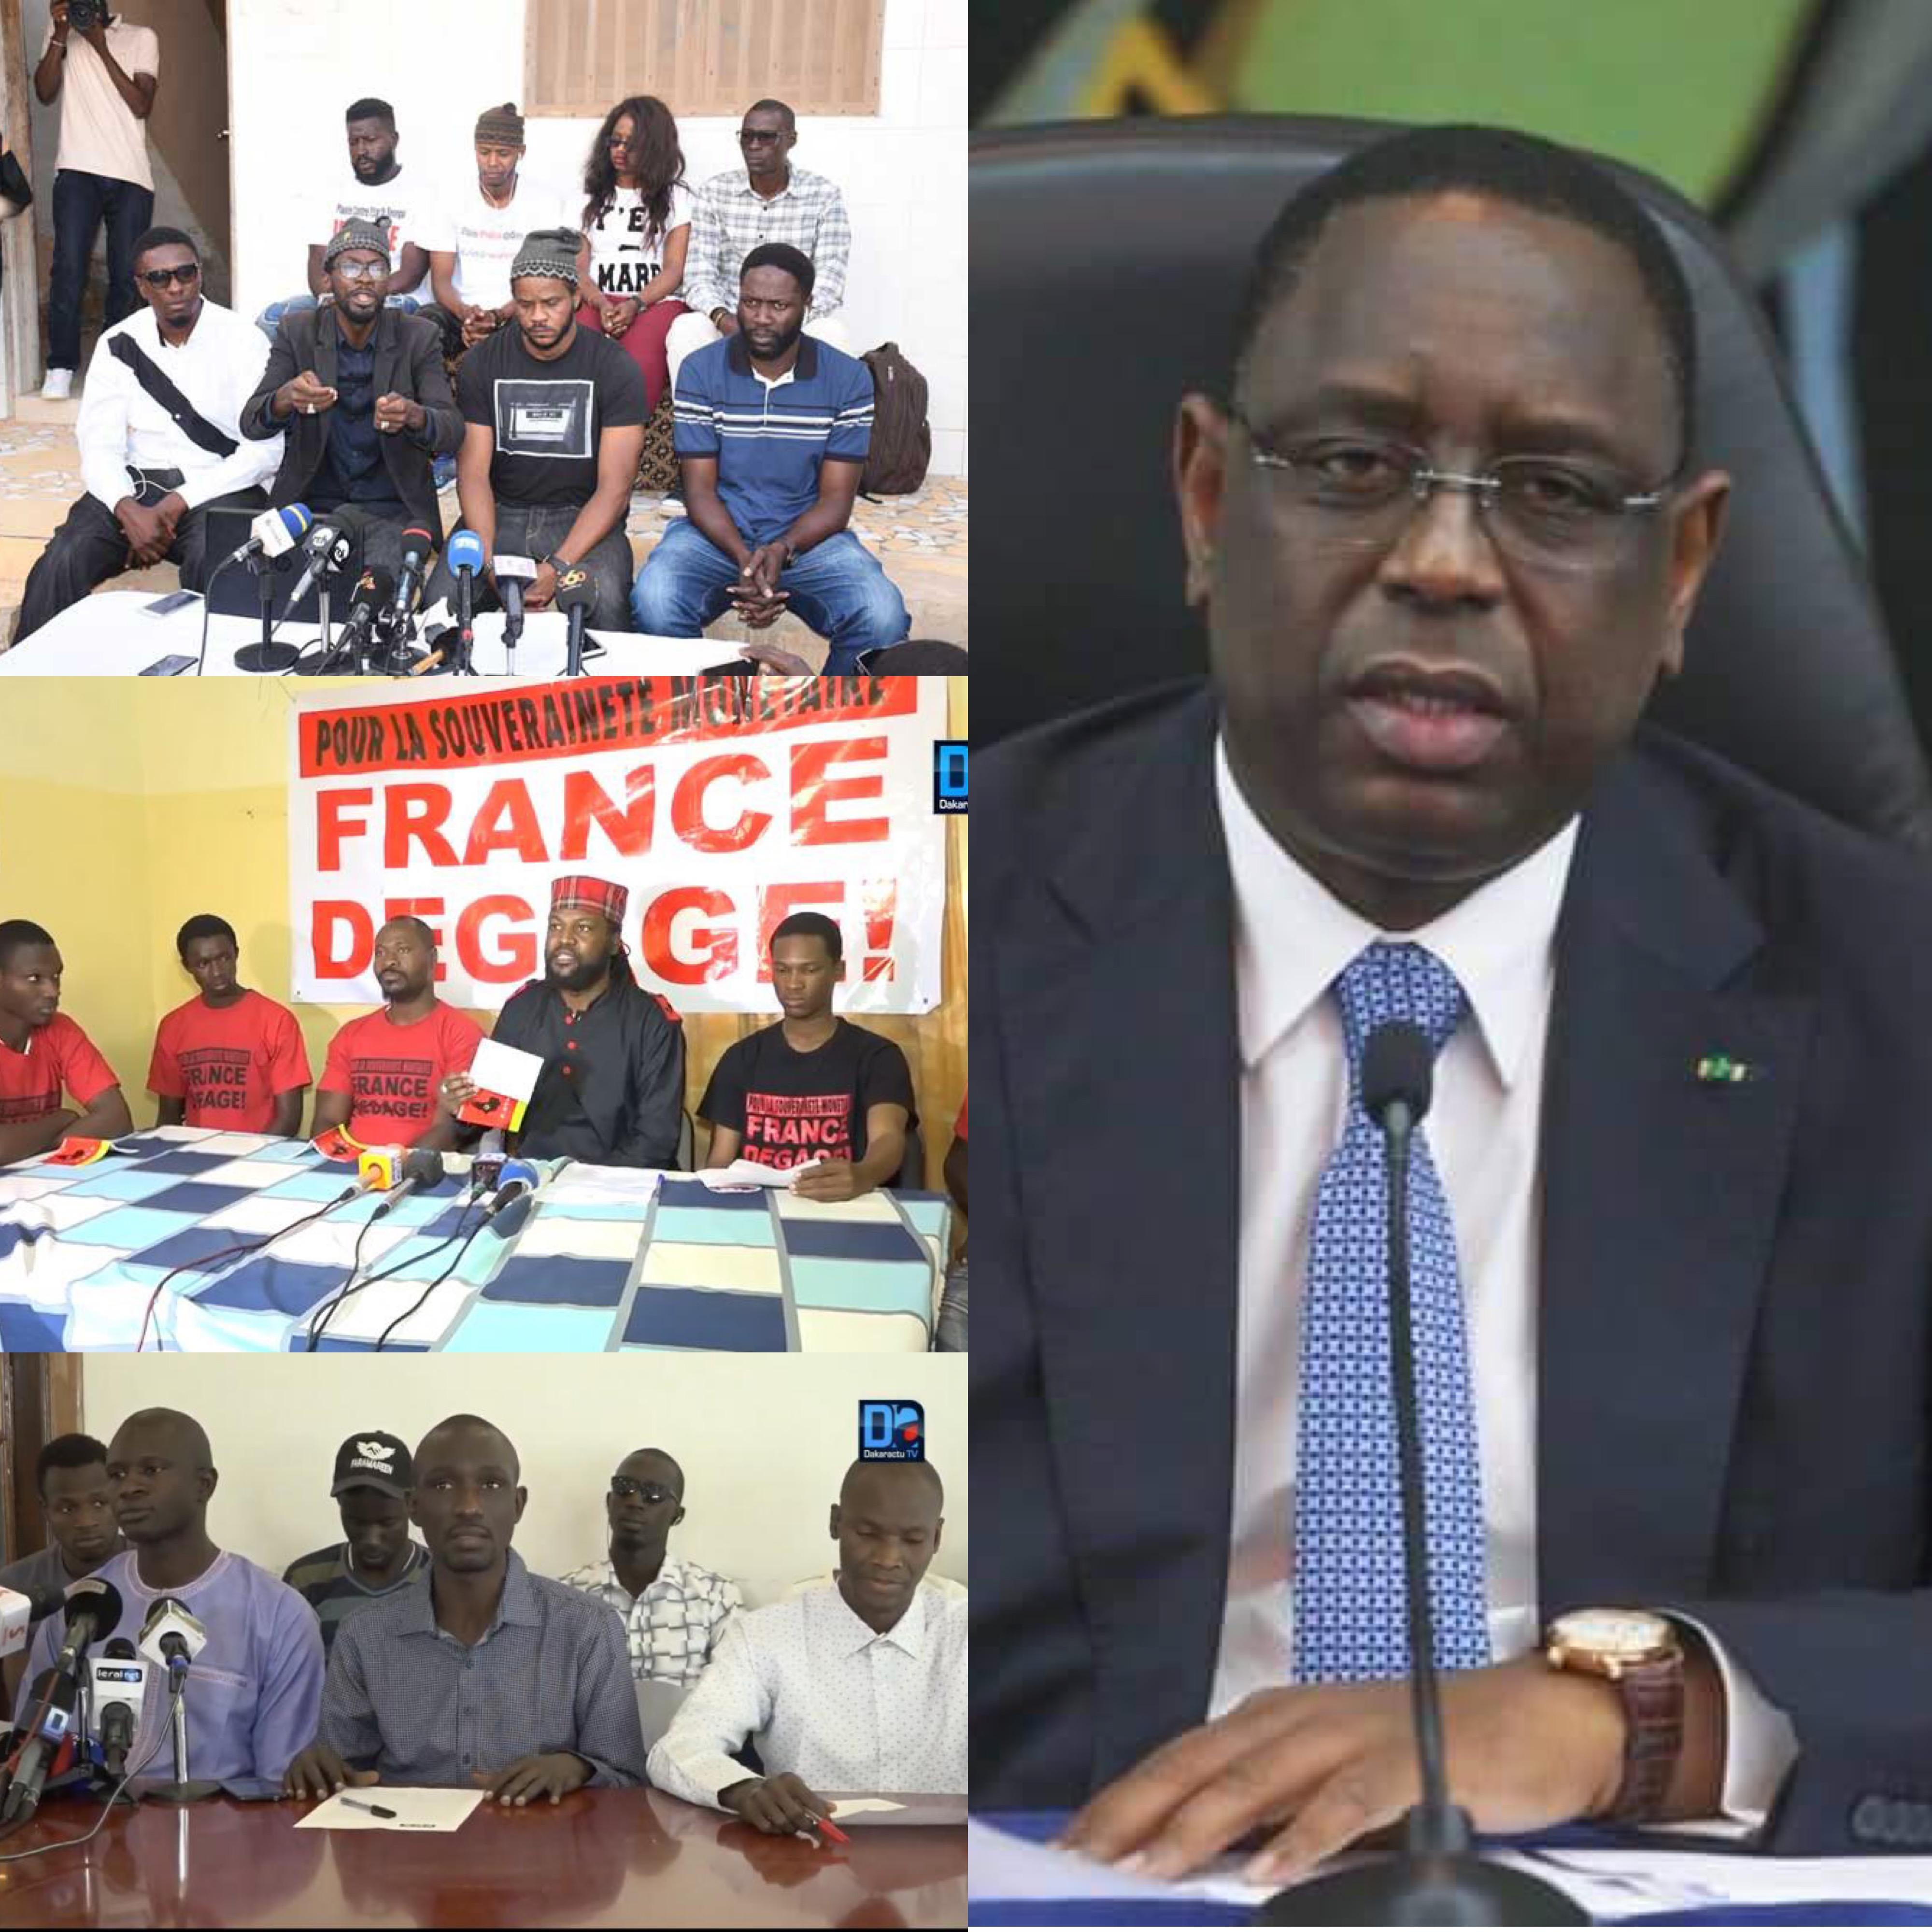 Réforme constitutionnelle : ''Y en a marre'', FDS et Frapp France dégage font bloc contre le projet de suppression de la primature